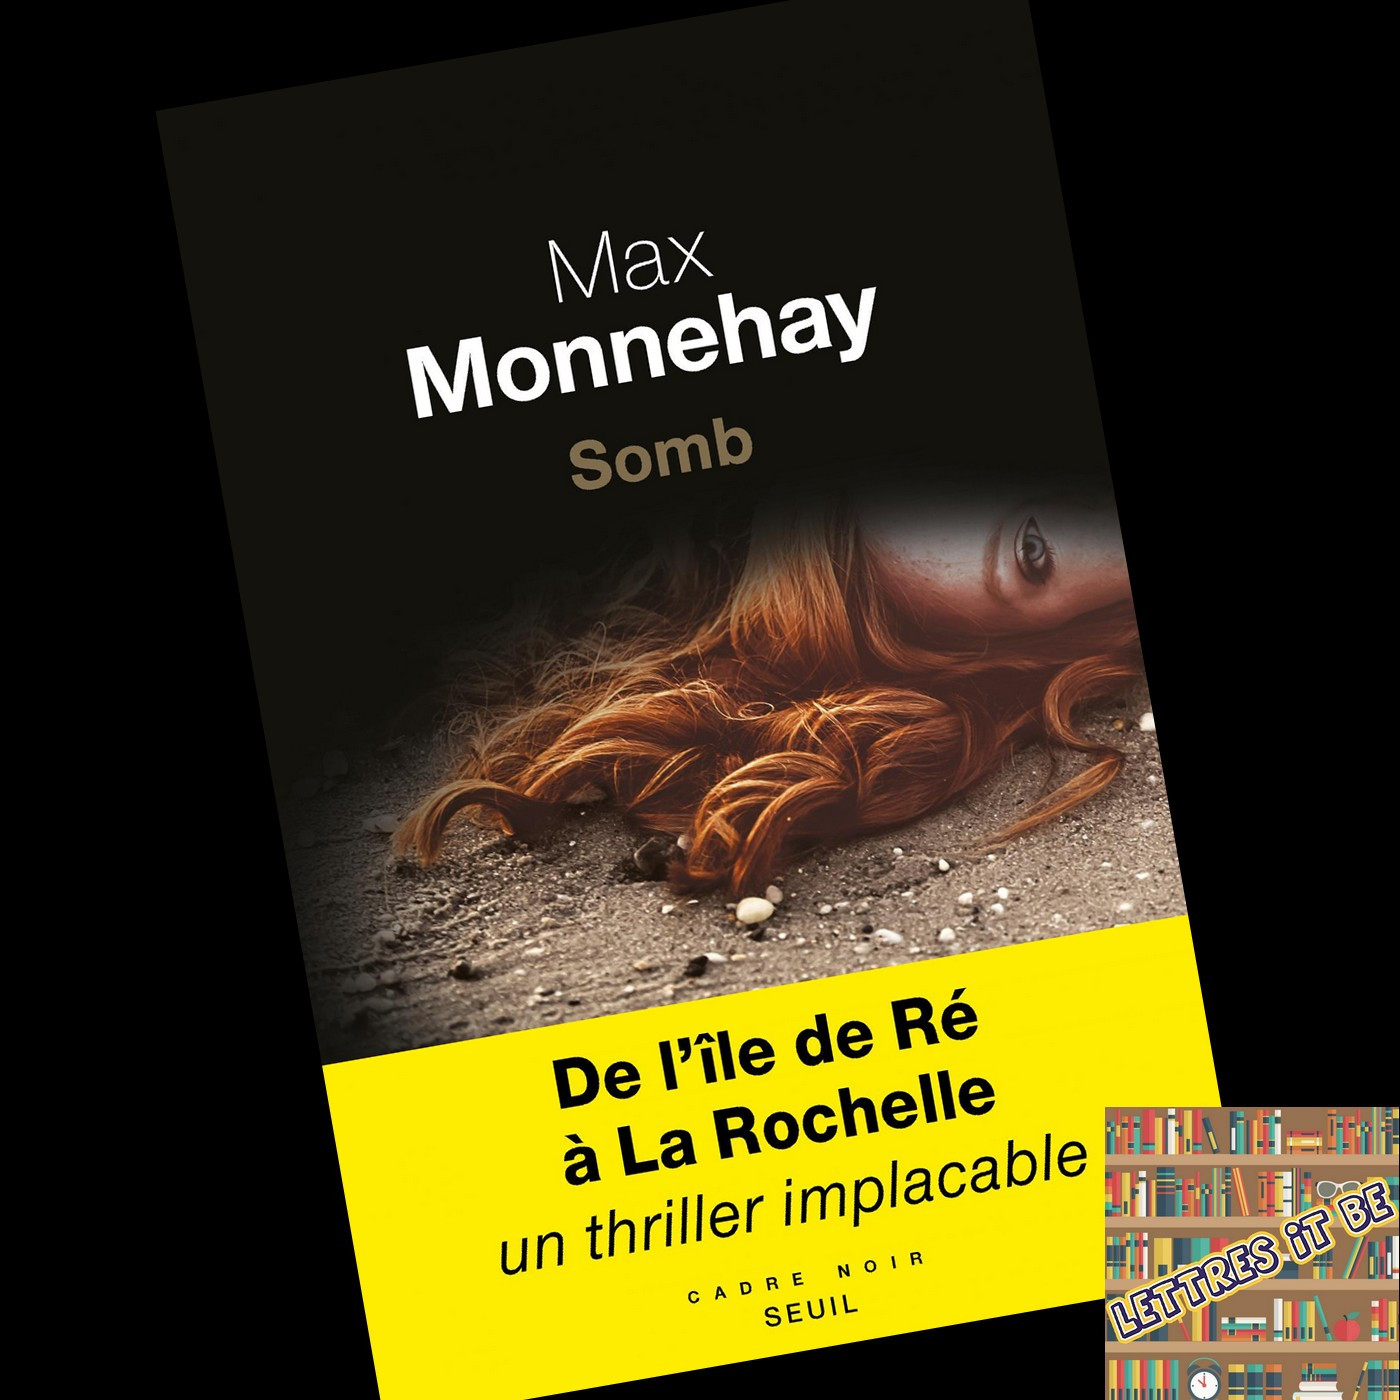 Critique de Somb de Max Monnehay (Livre)